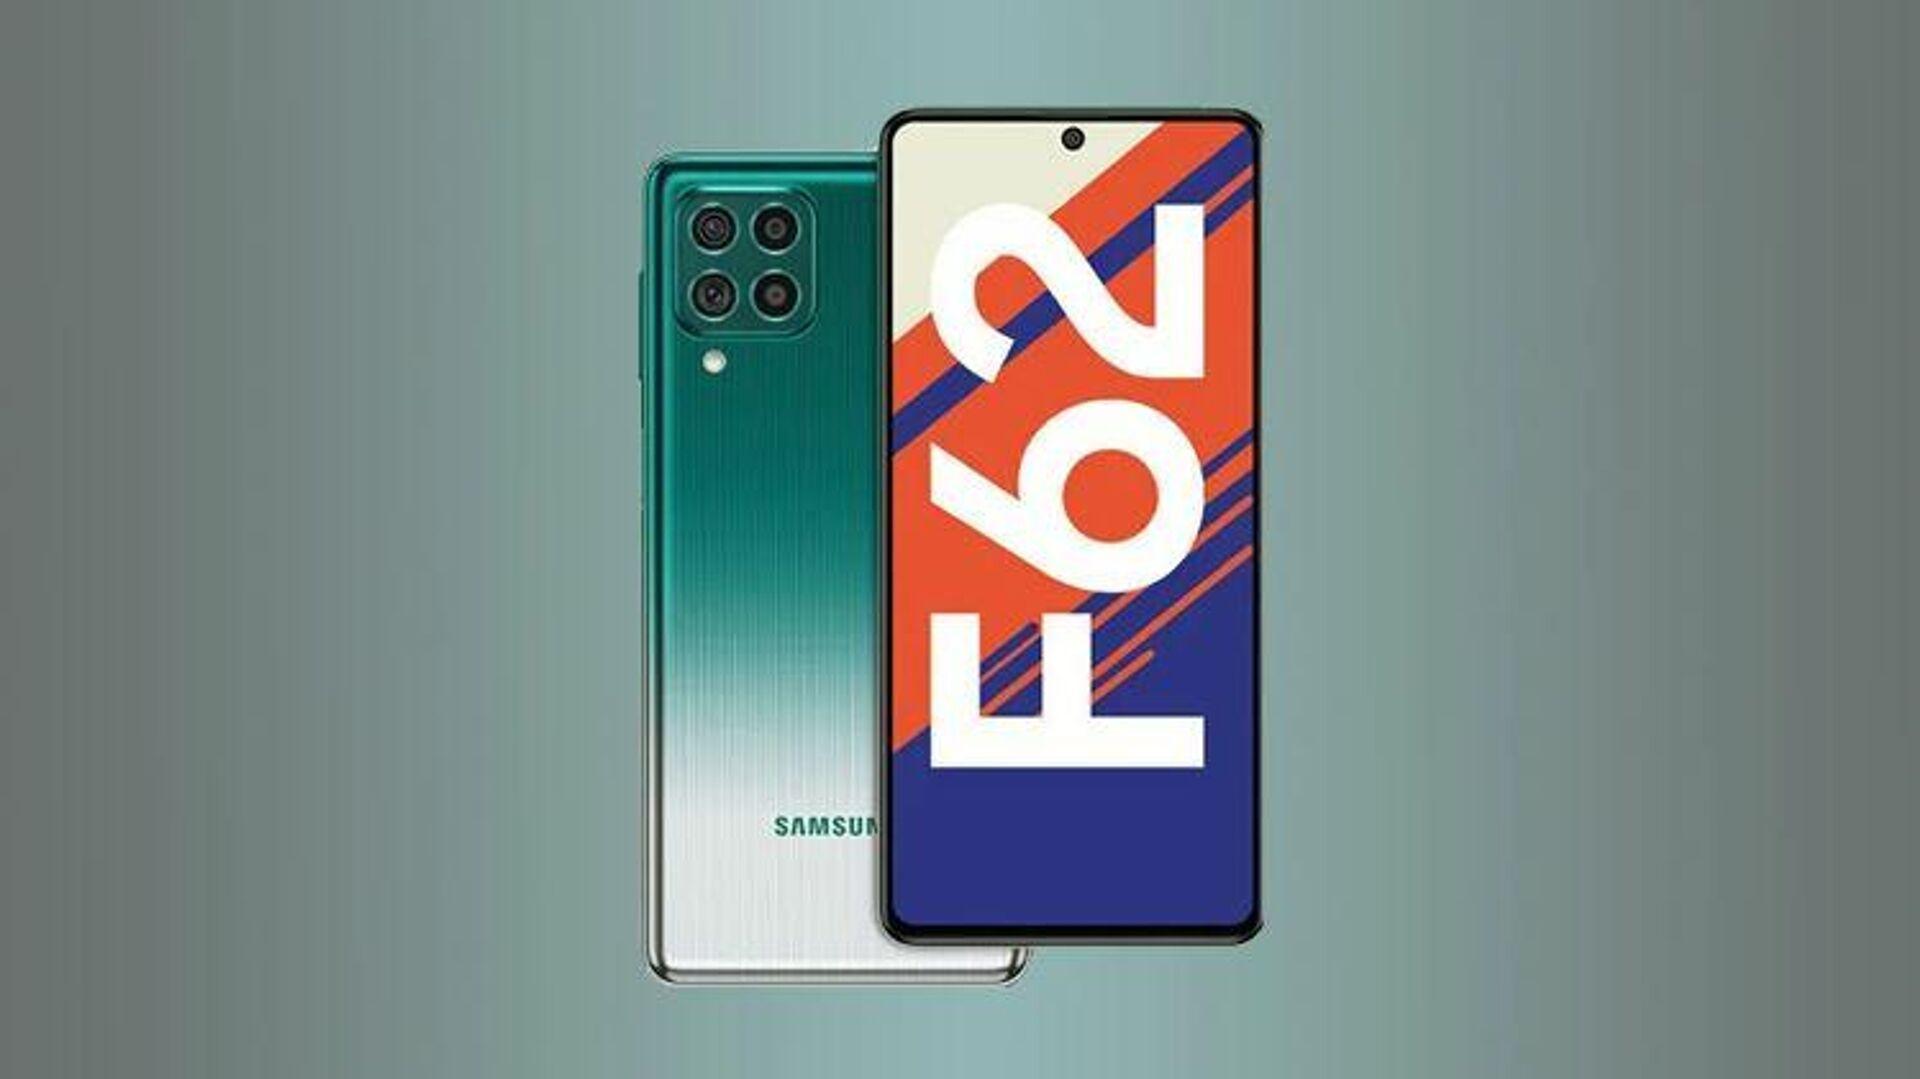 Samsung Galaxy F62 - РИА Новости, 1920, 16.02.2021